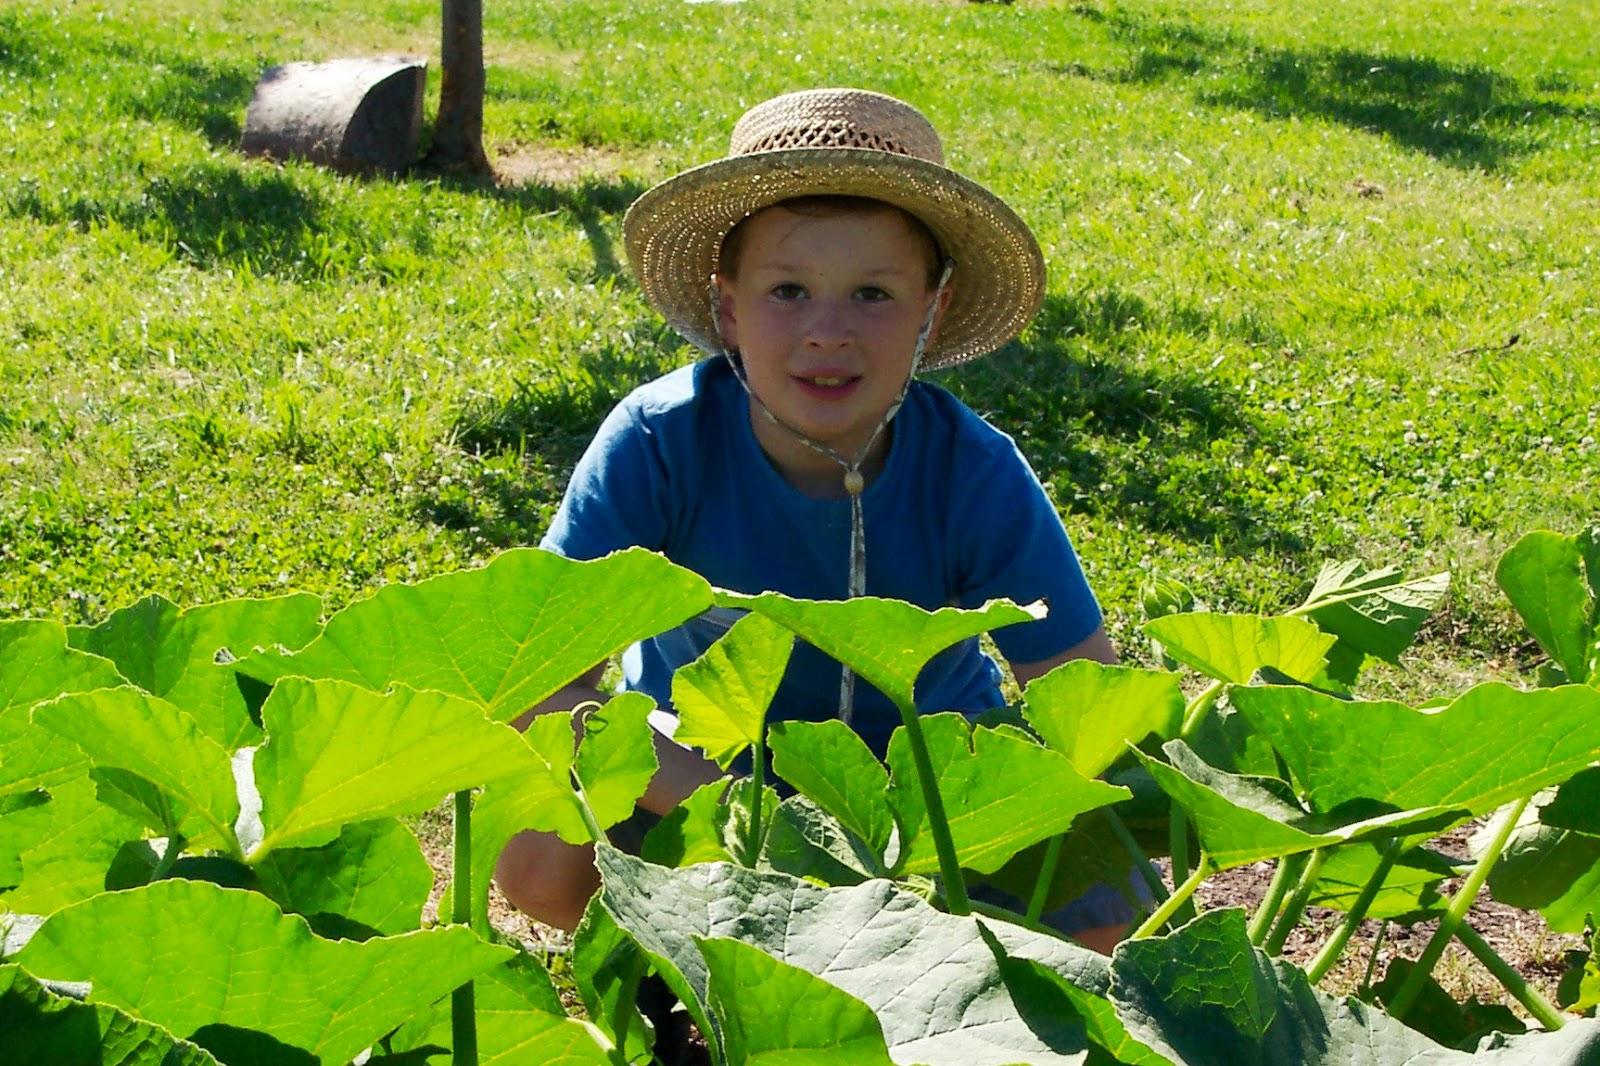 Renee 39 s garden seeds renee 39 s blog gardening with kids for Gardening with children